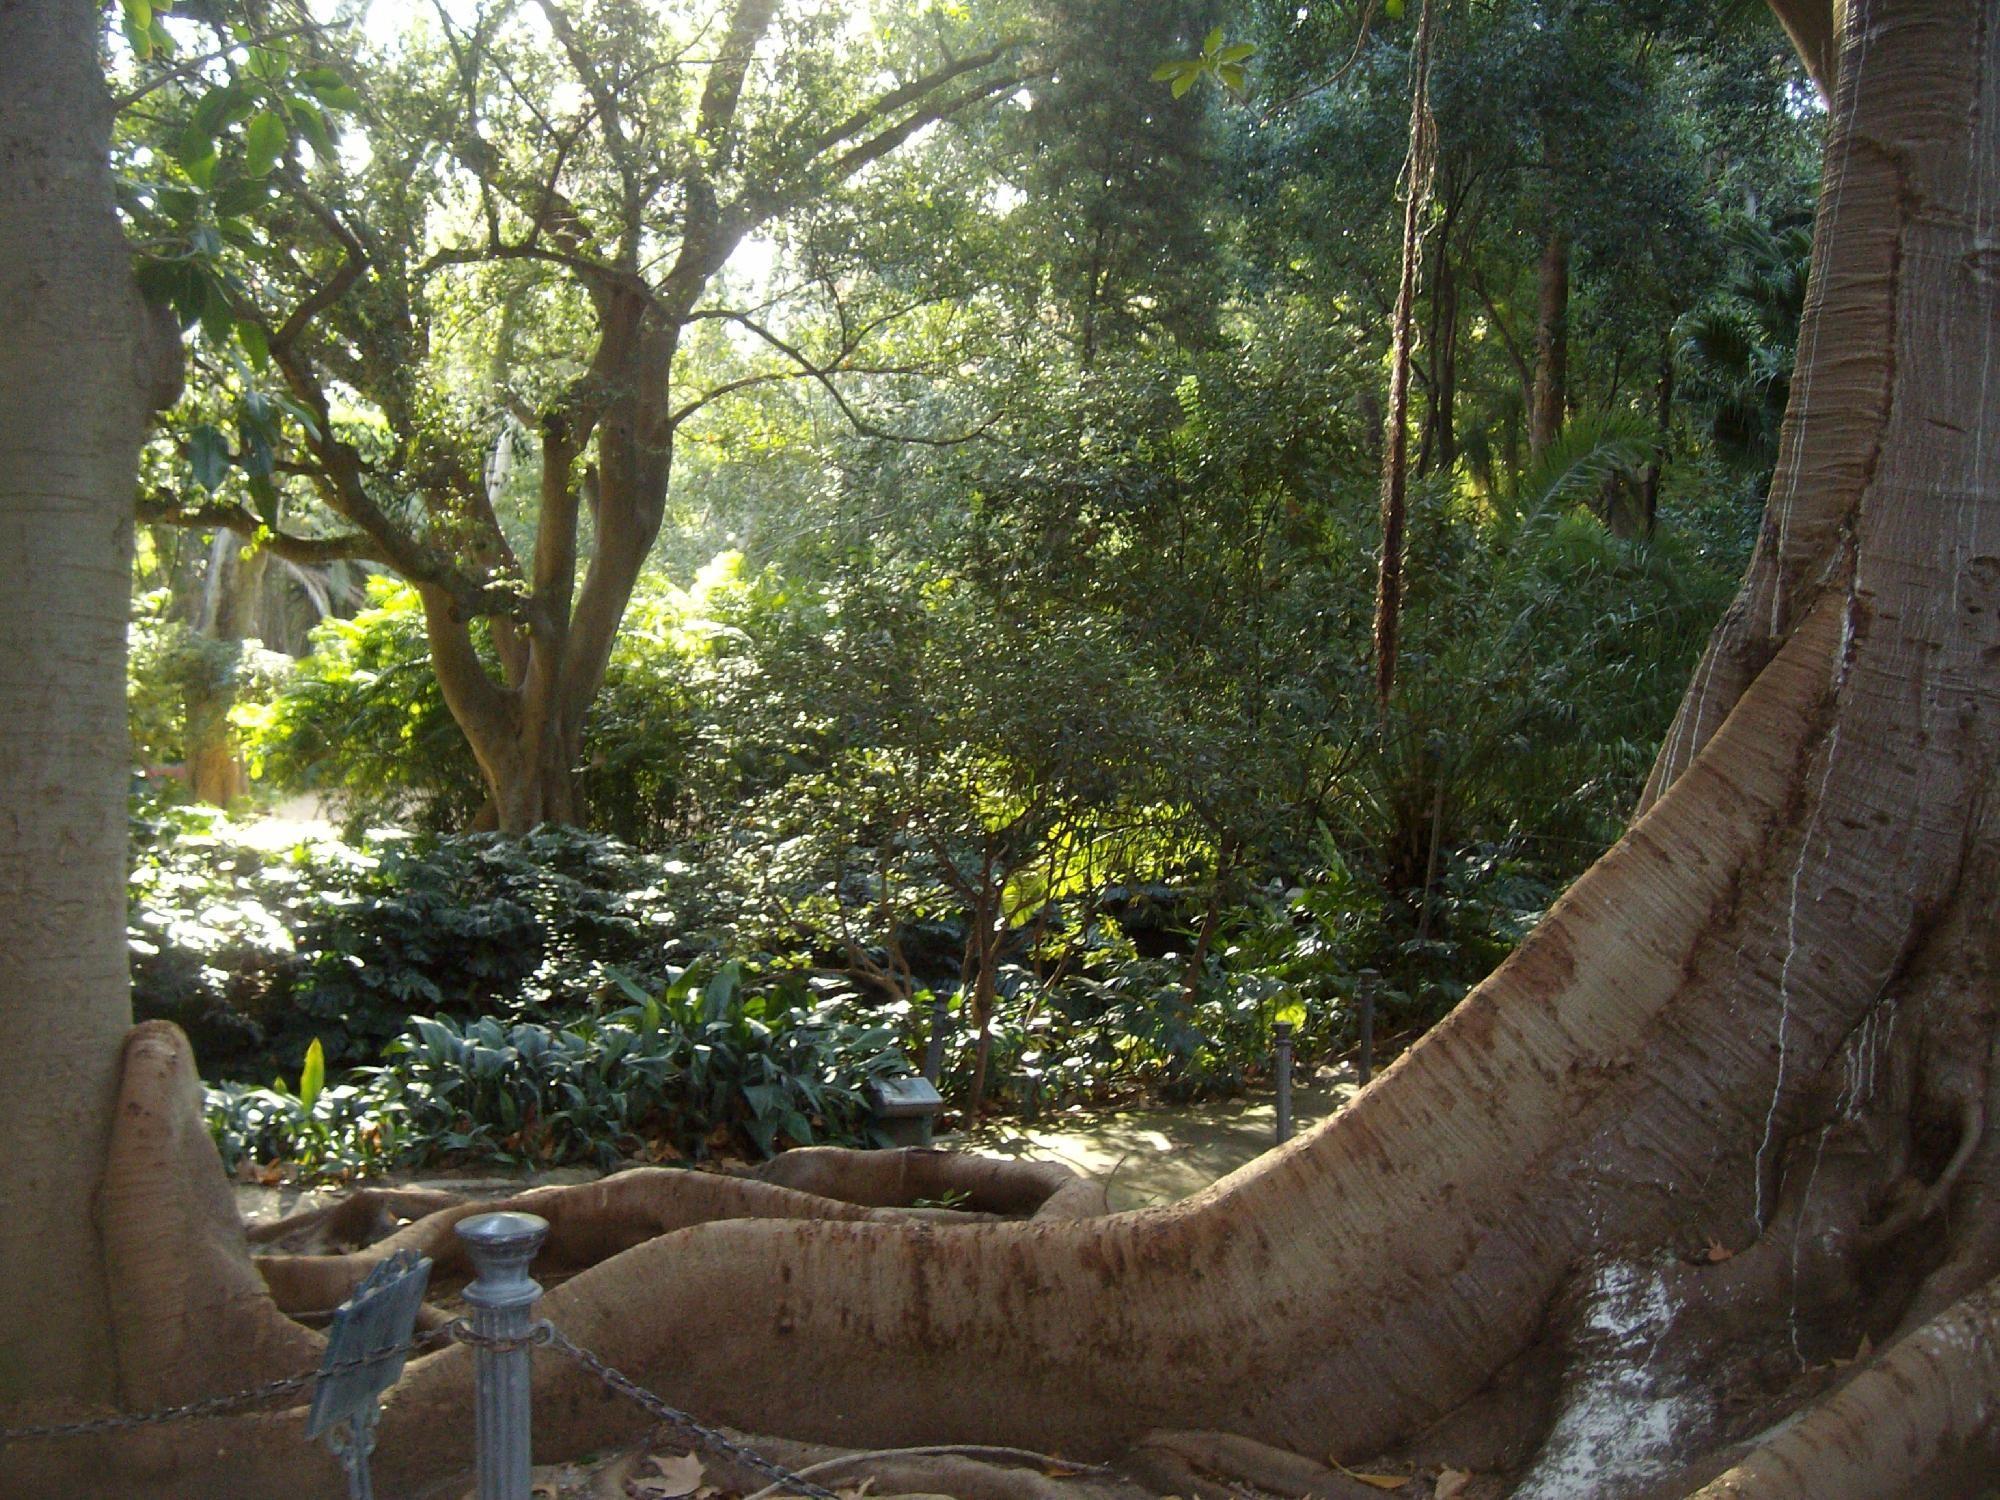 La Concepcion Jardin BotanicoHistorico de Malaga (Spain